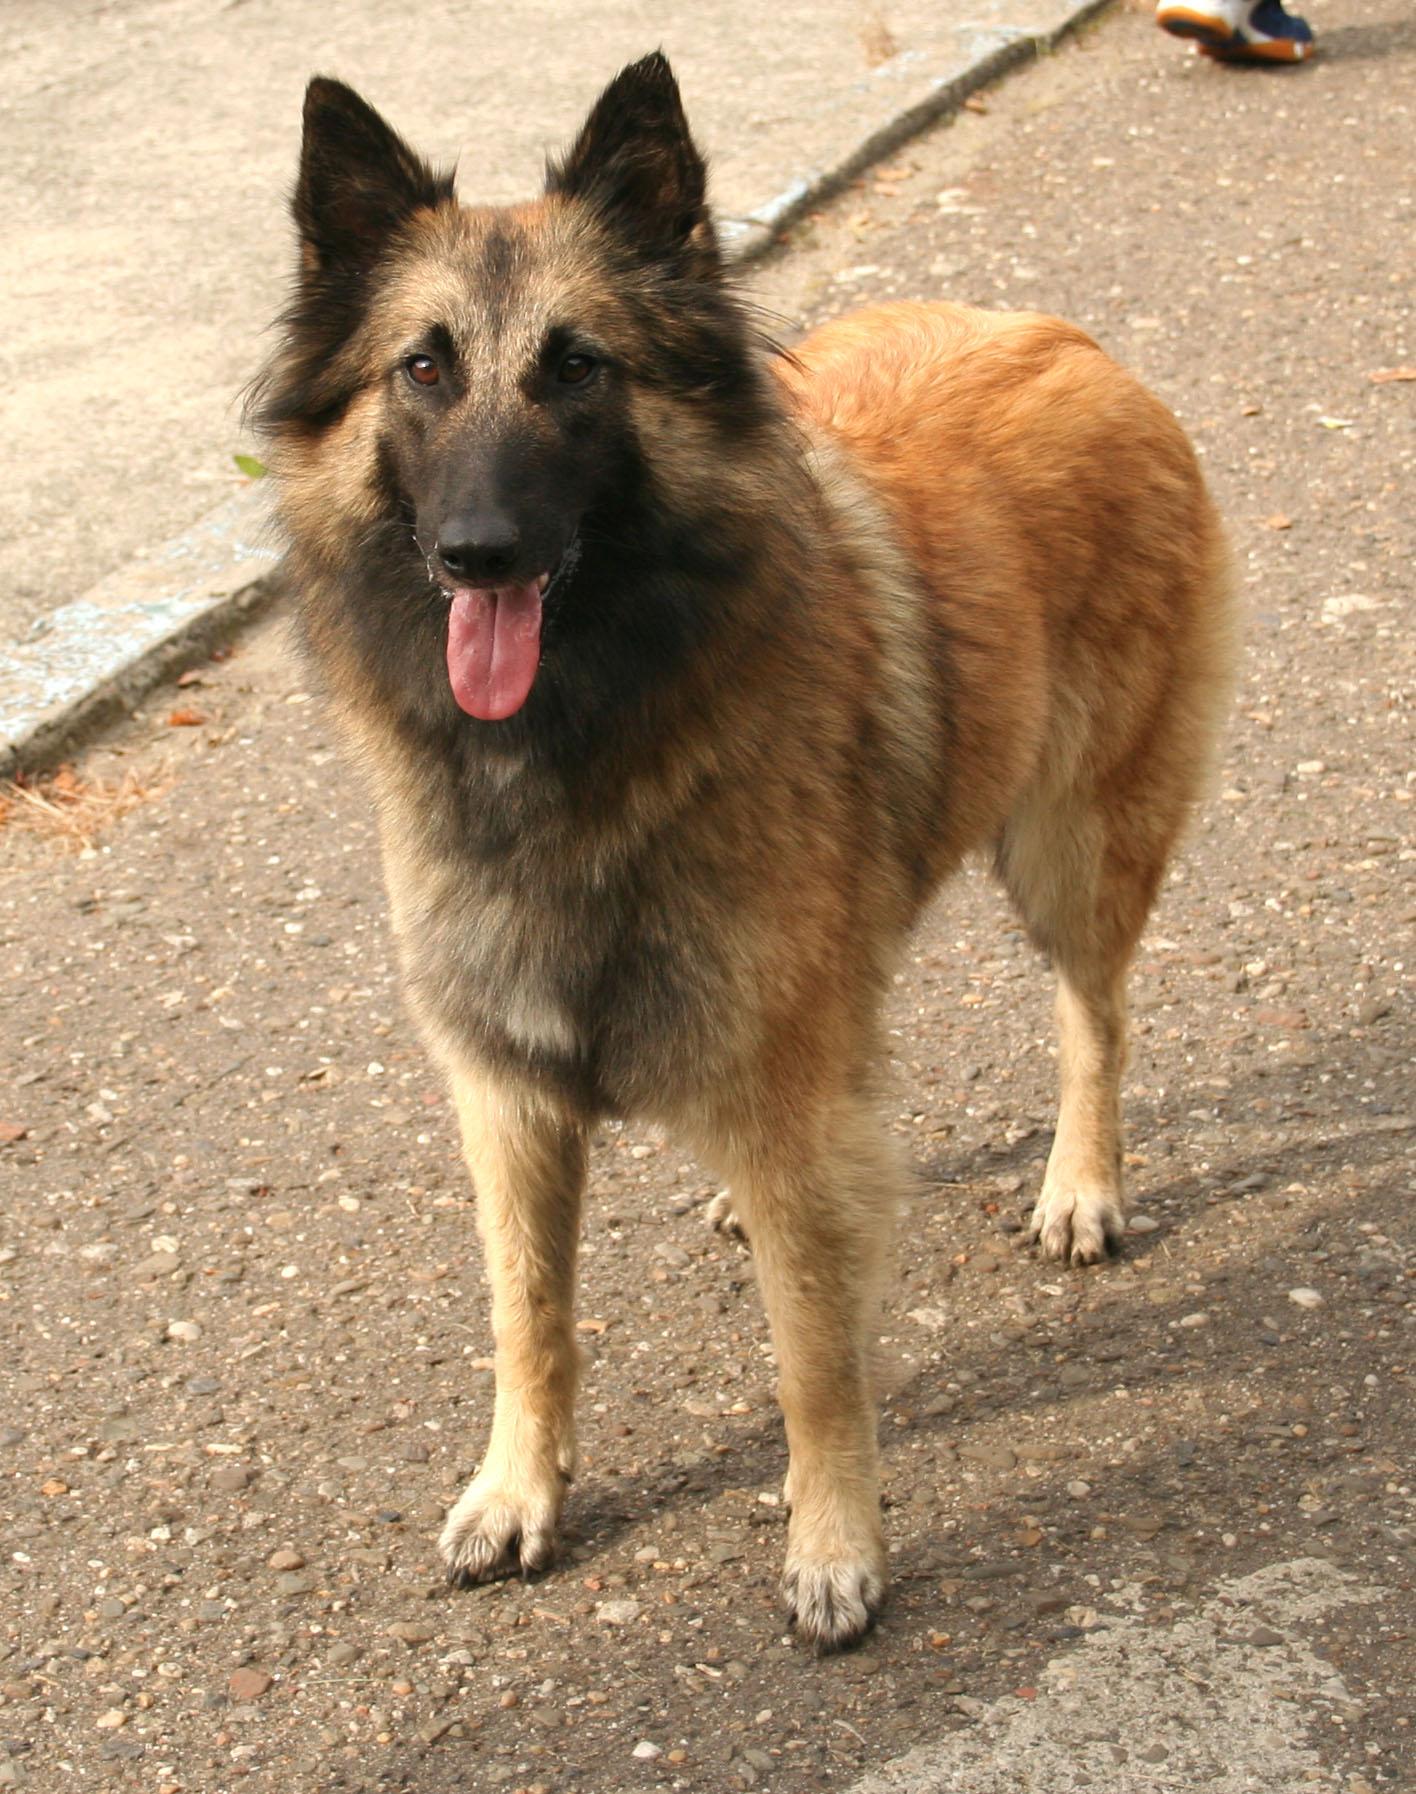 Informacion Perros e imagenes Nº24: Ovejero Belga